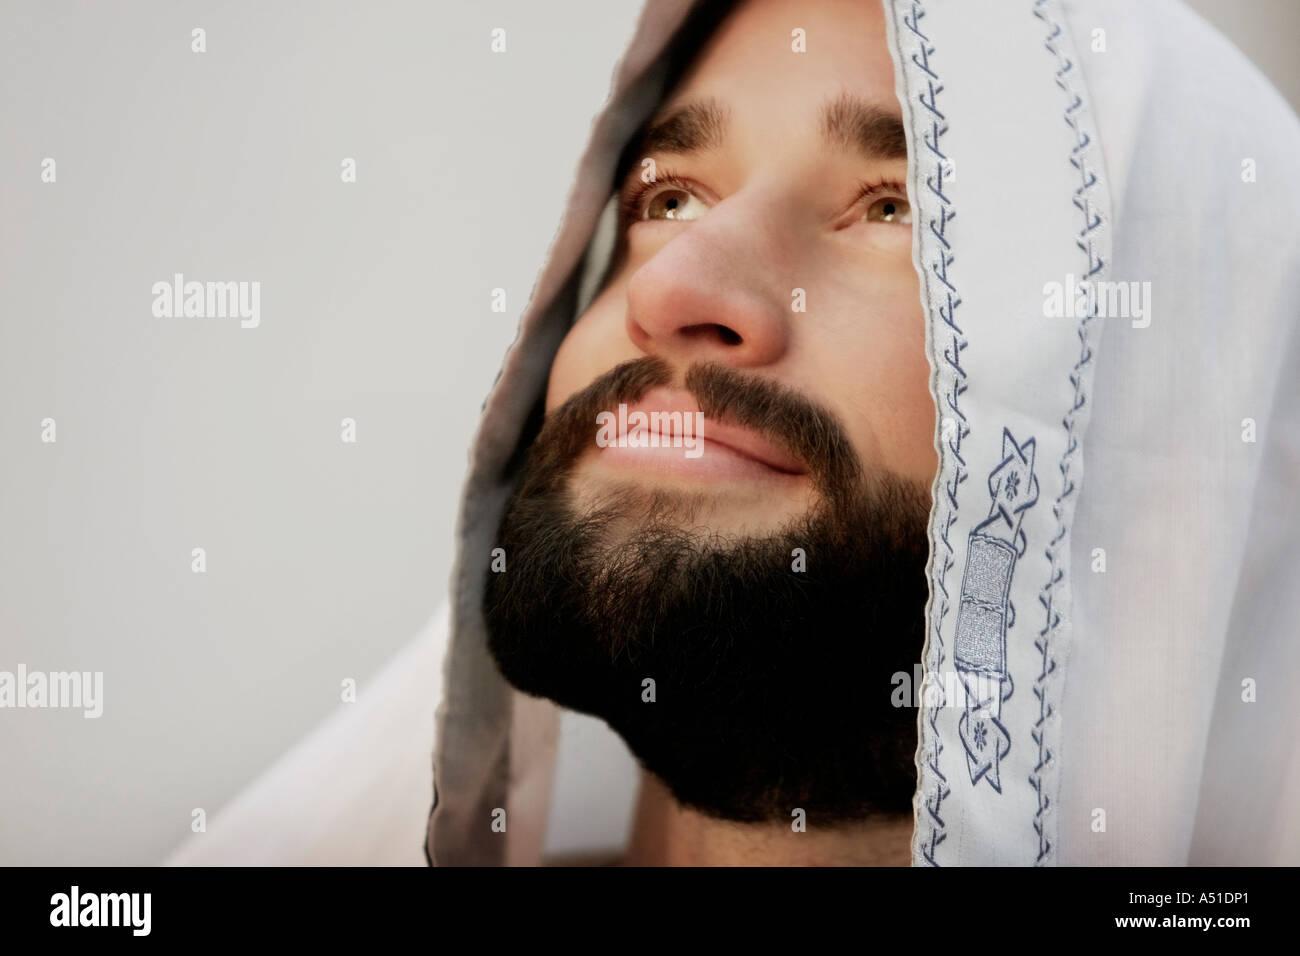 Jewish man wearing a tallis - Stock Image